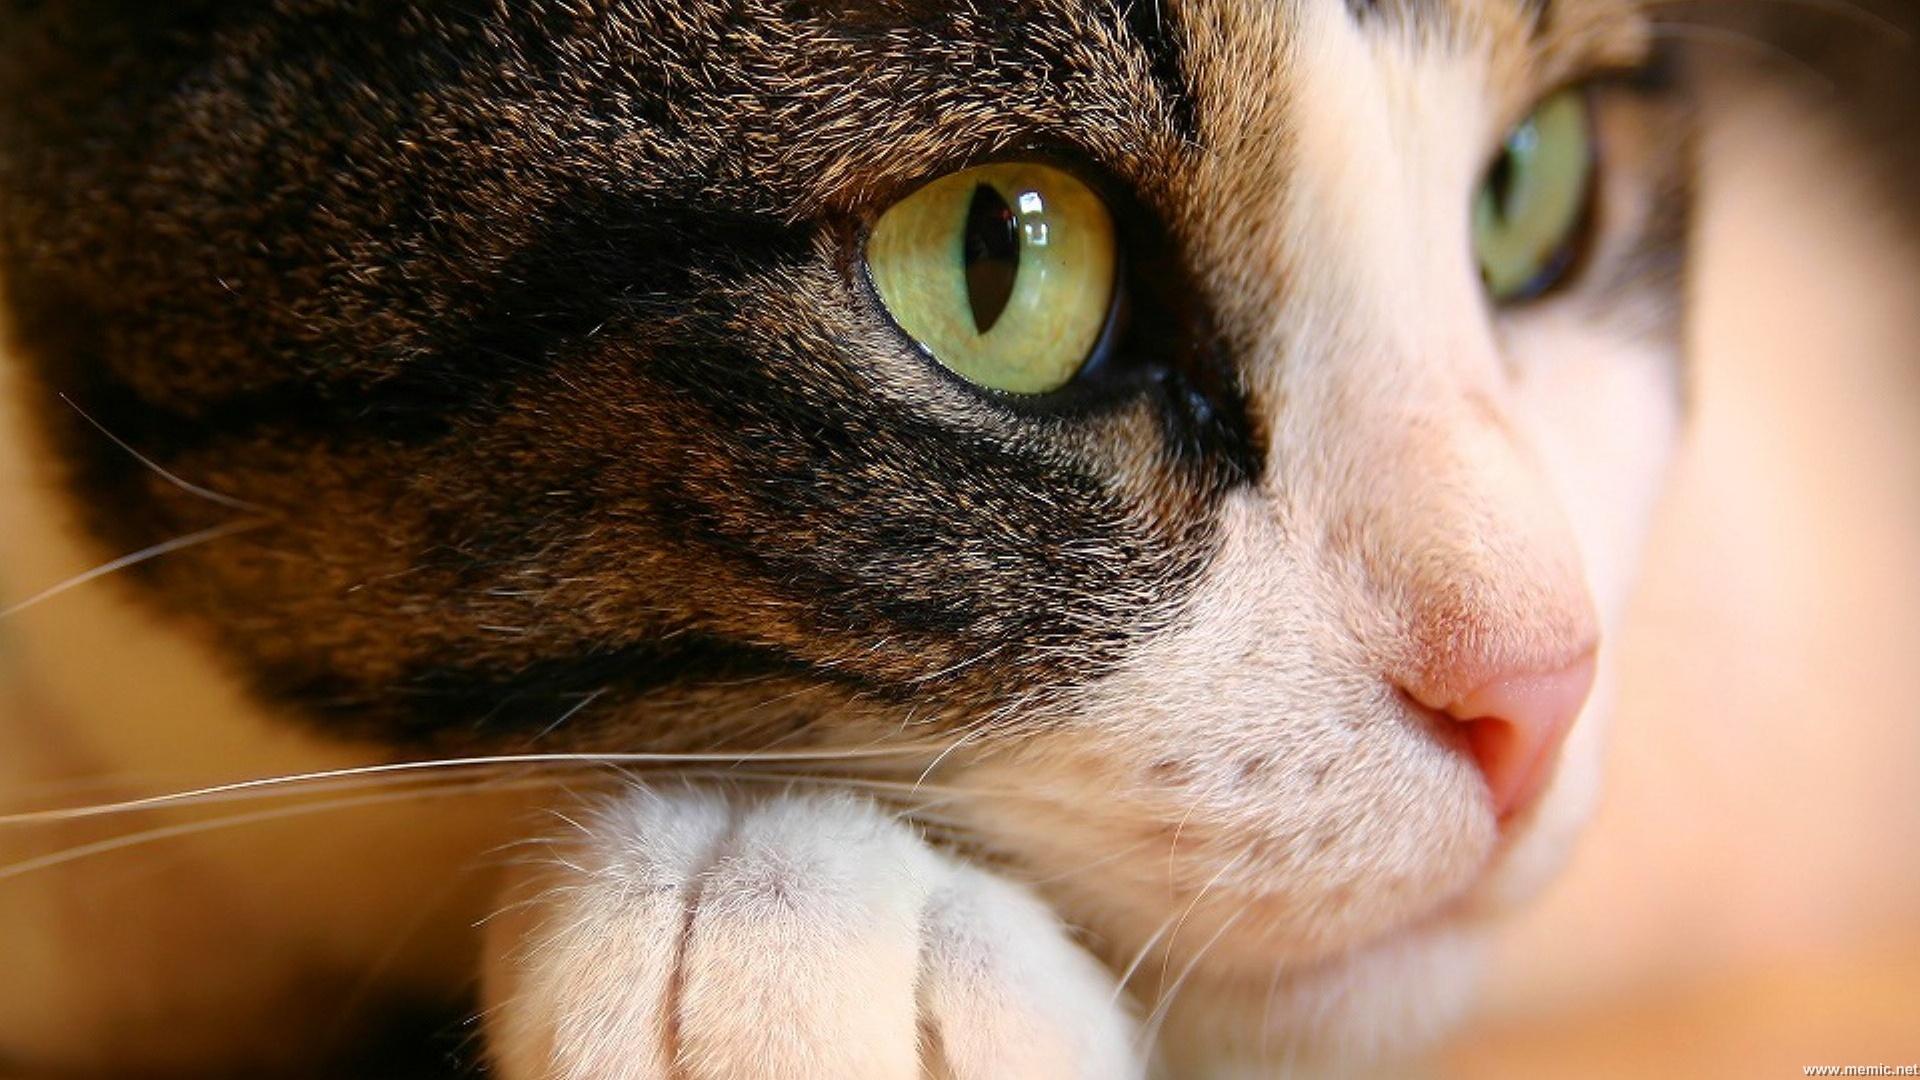 curious_cat_1920x1080